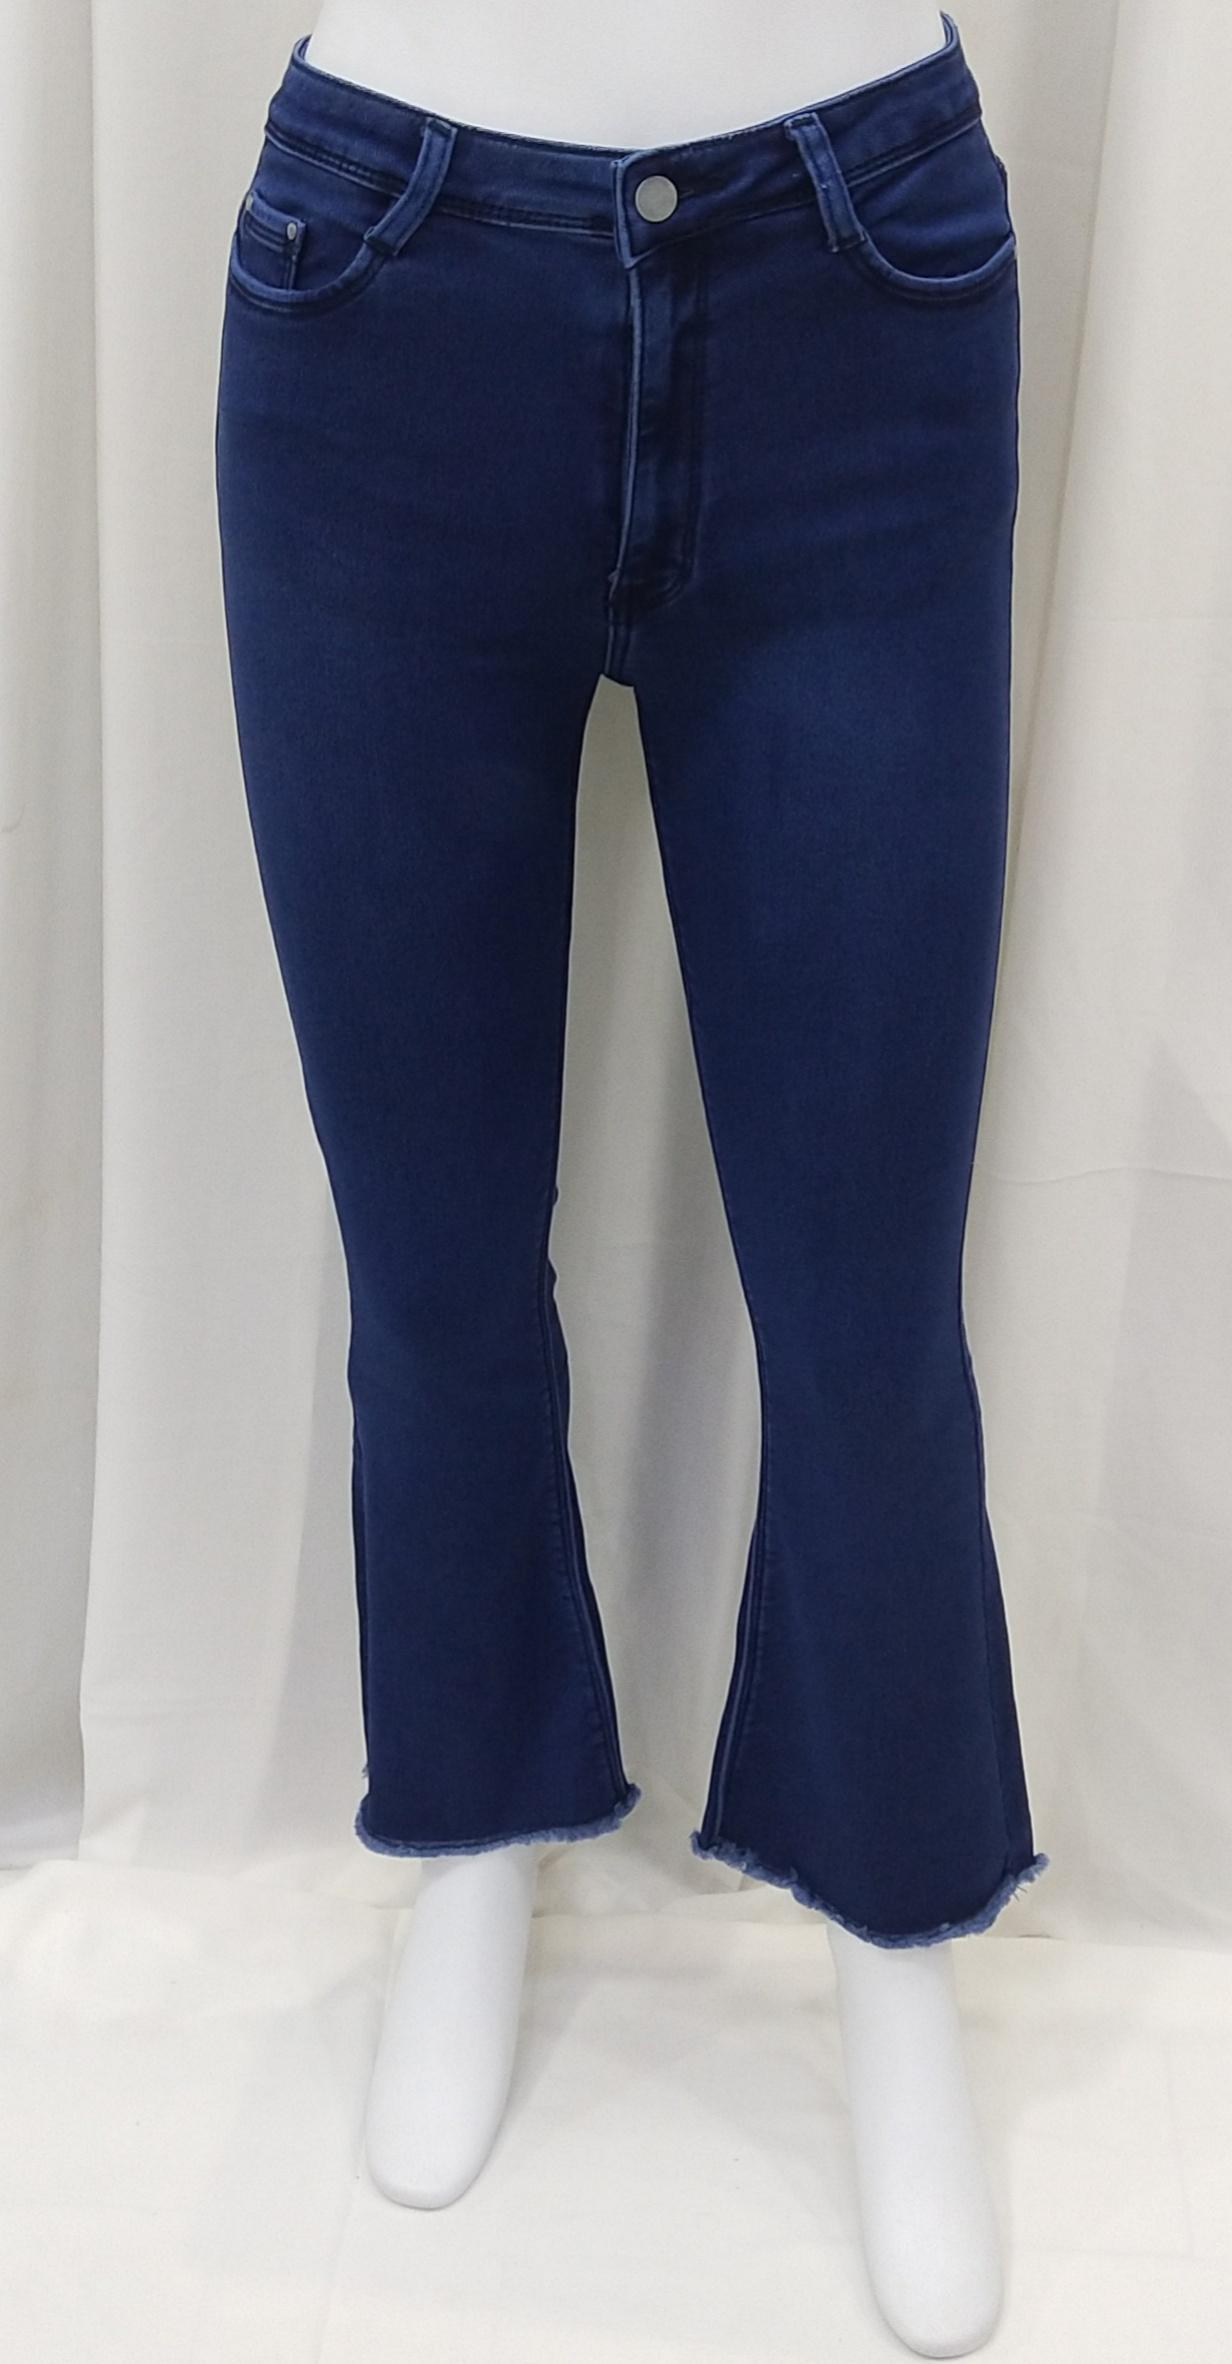 Dx Blue Single Button High Raise Wide Leg Jeans For Women (32, Dx Blue)